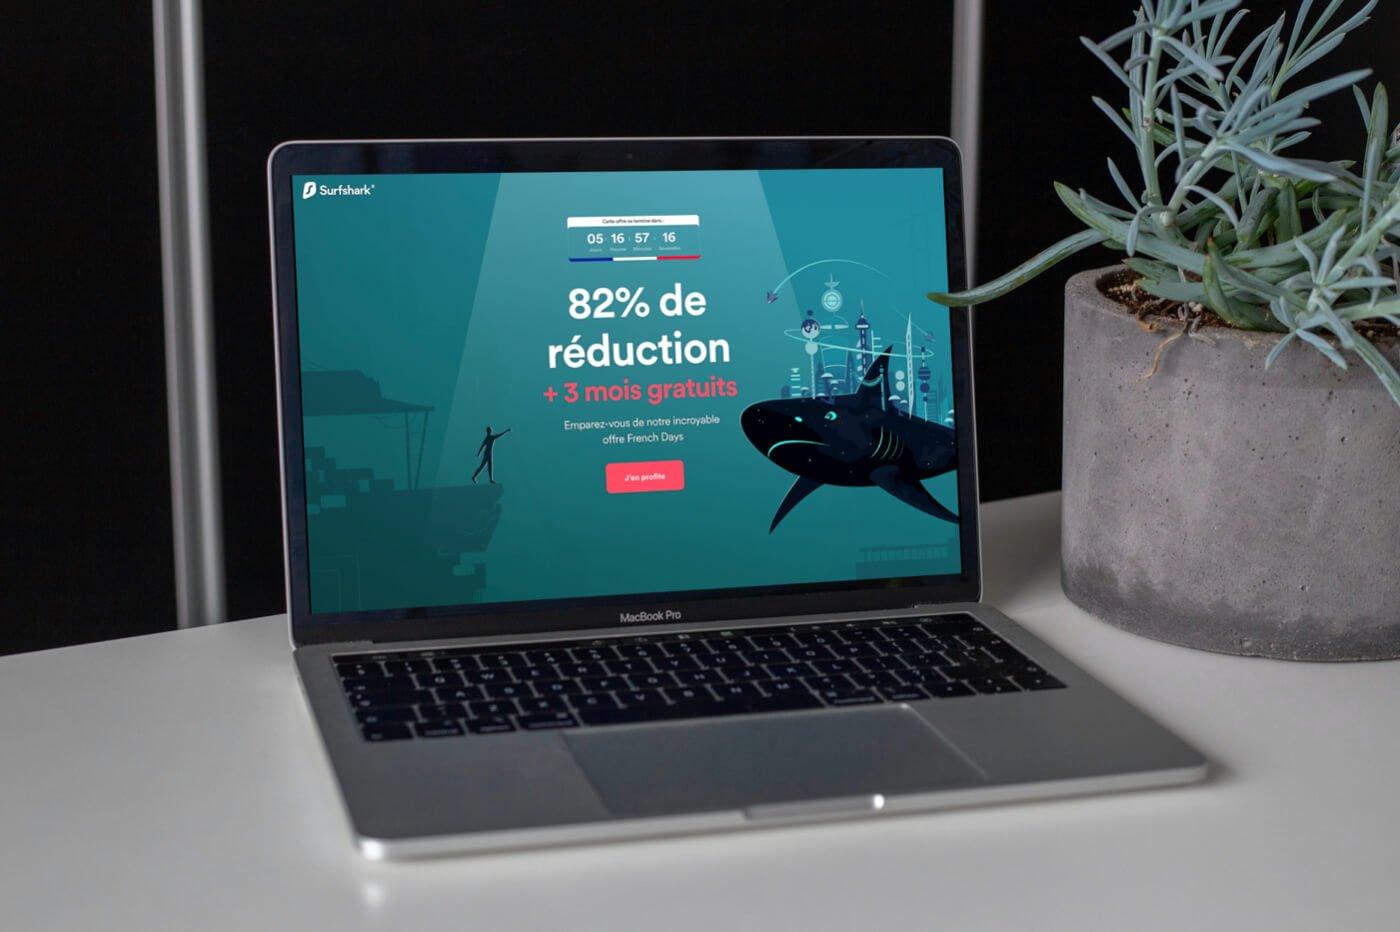 Bon plan Surfshark VPN French Days